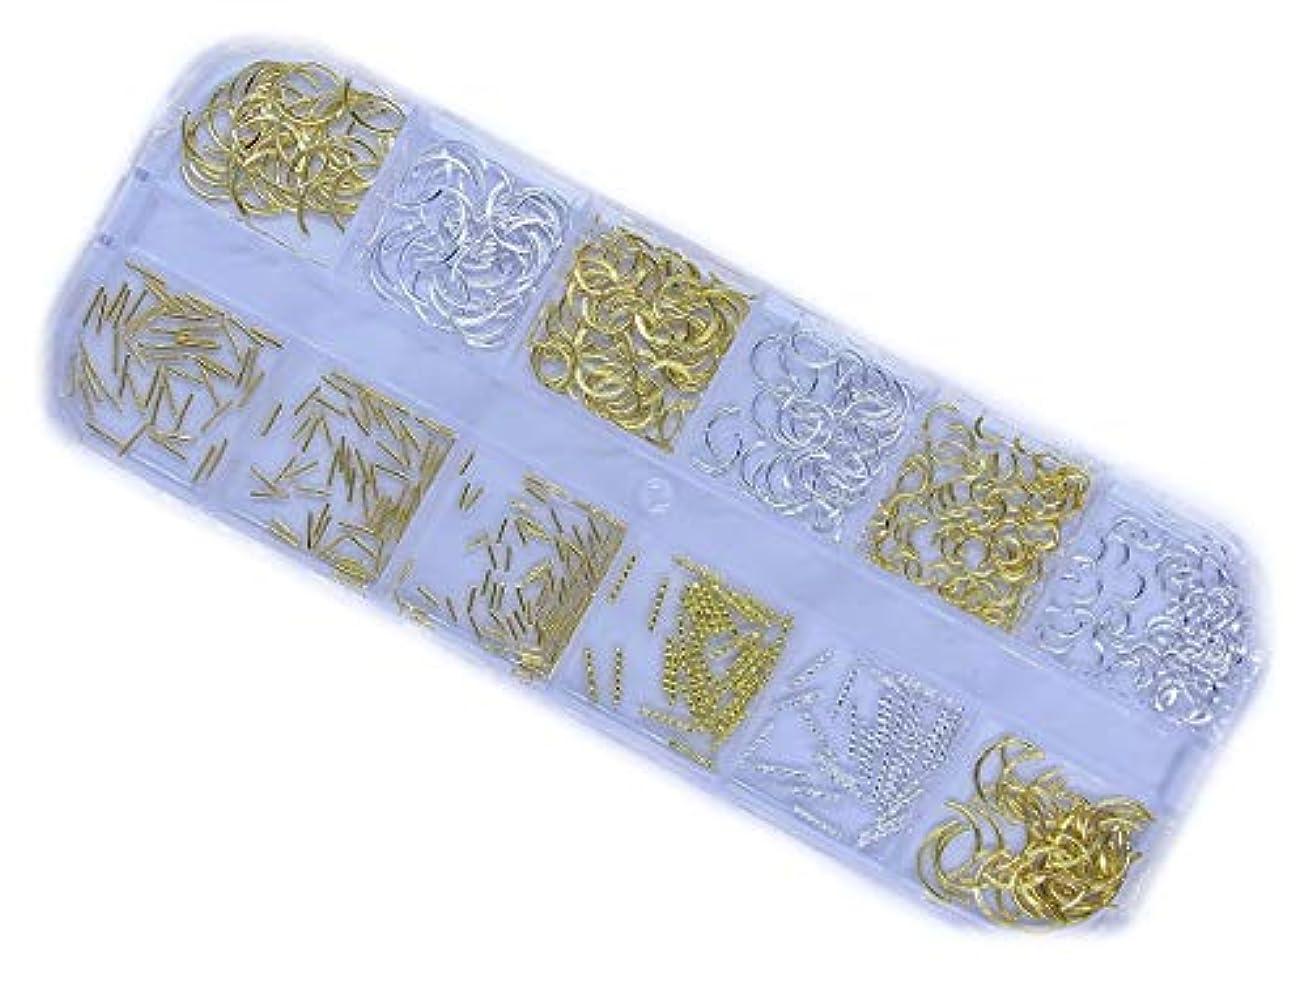 枢機卿女性博物館【jewel】メタルアーチ メタルスタッズ スティック パーツ カーブスティック ゴールド シルバー(メタルアーチ&メタルスタッズスティック)